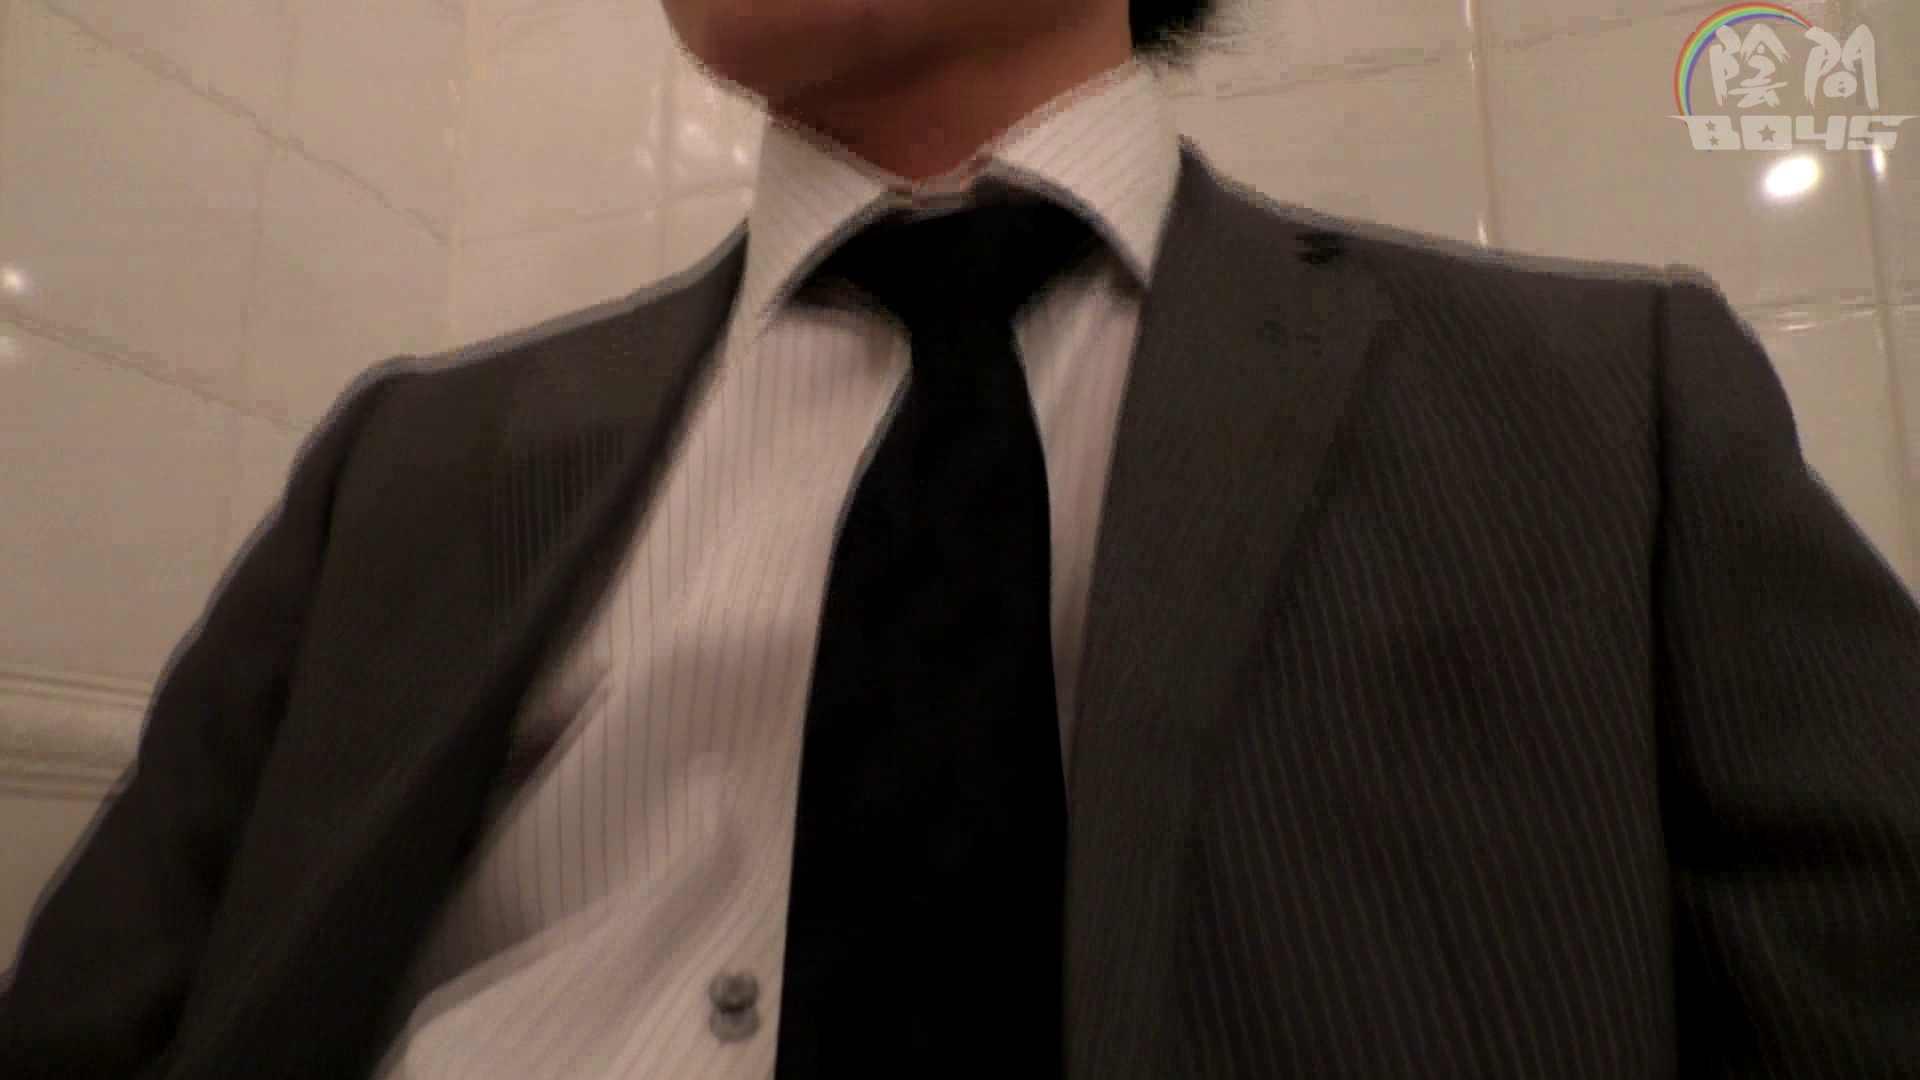 陰間BOYS~AV男優面接2、俺のアナルが…~01 悪戯特集 ゲイヌード画像 86枚 66